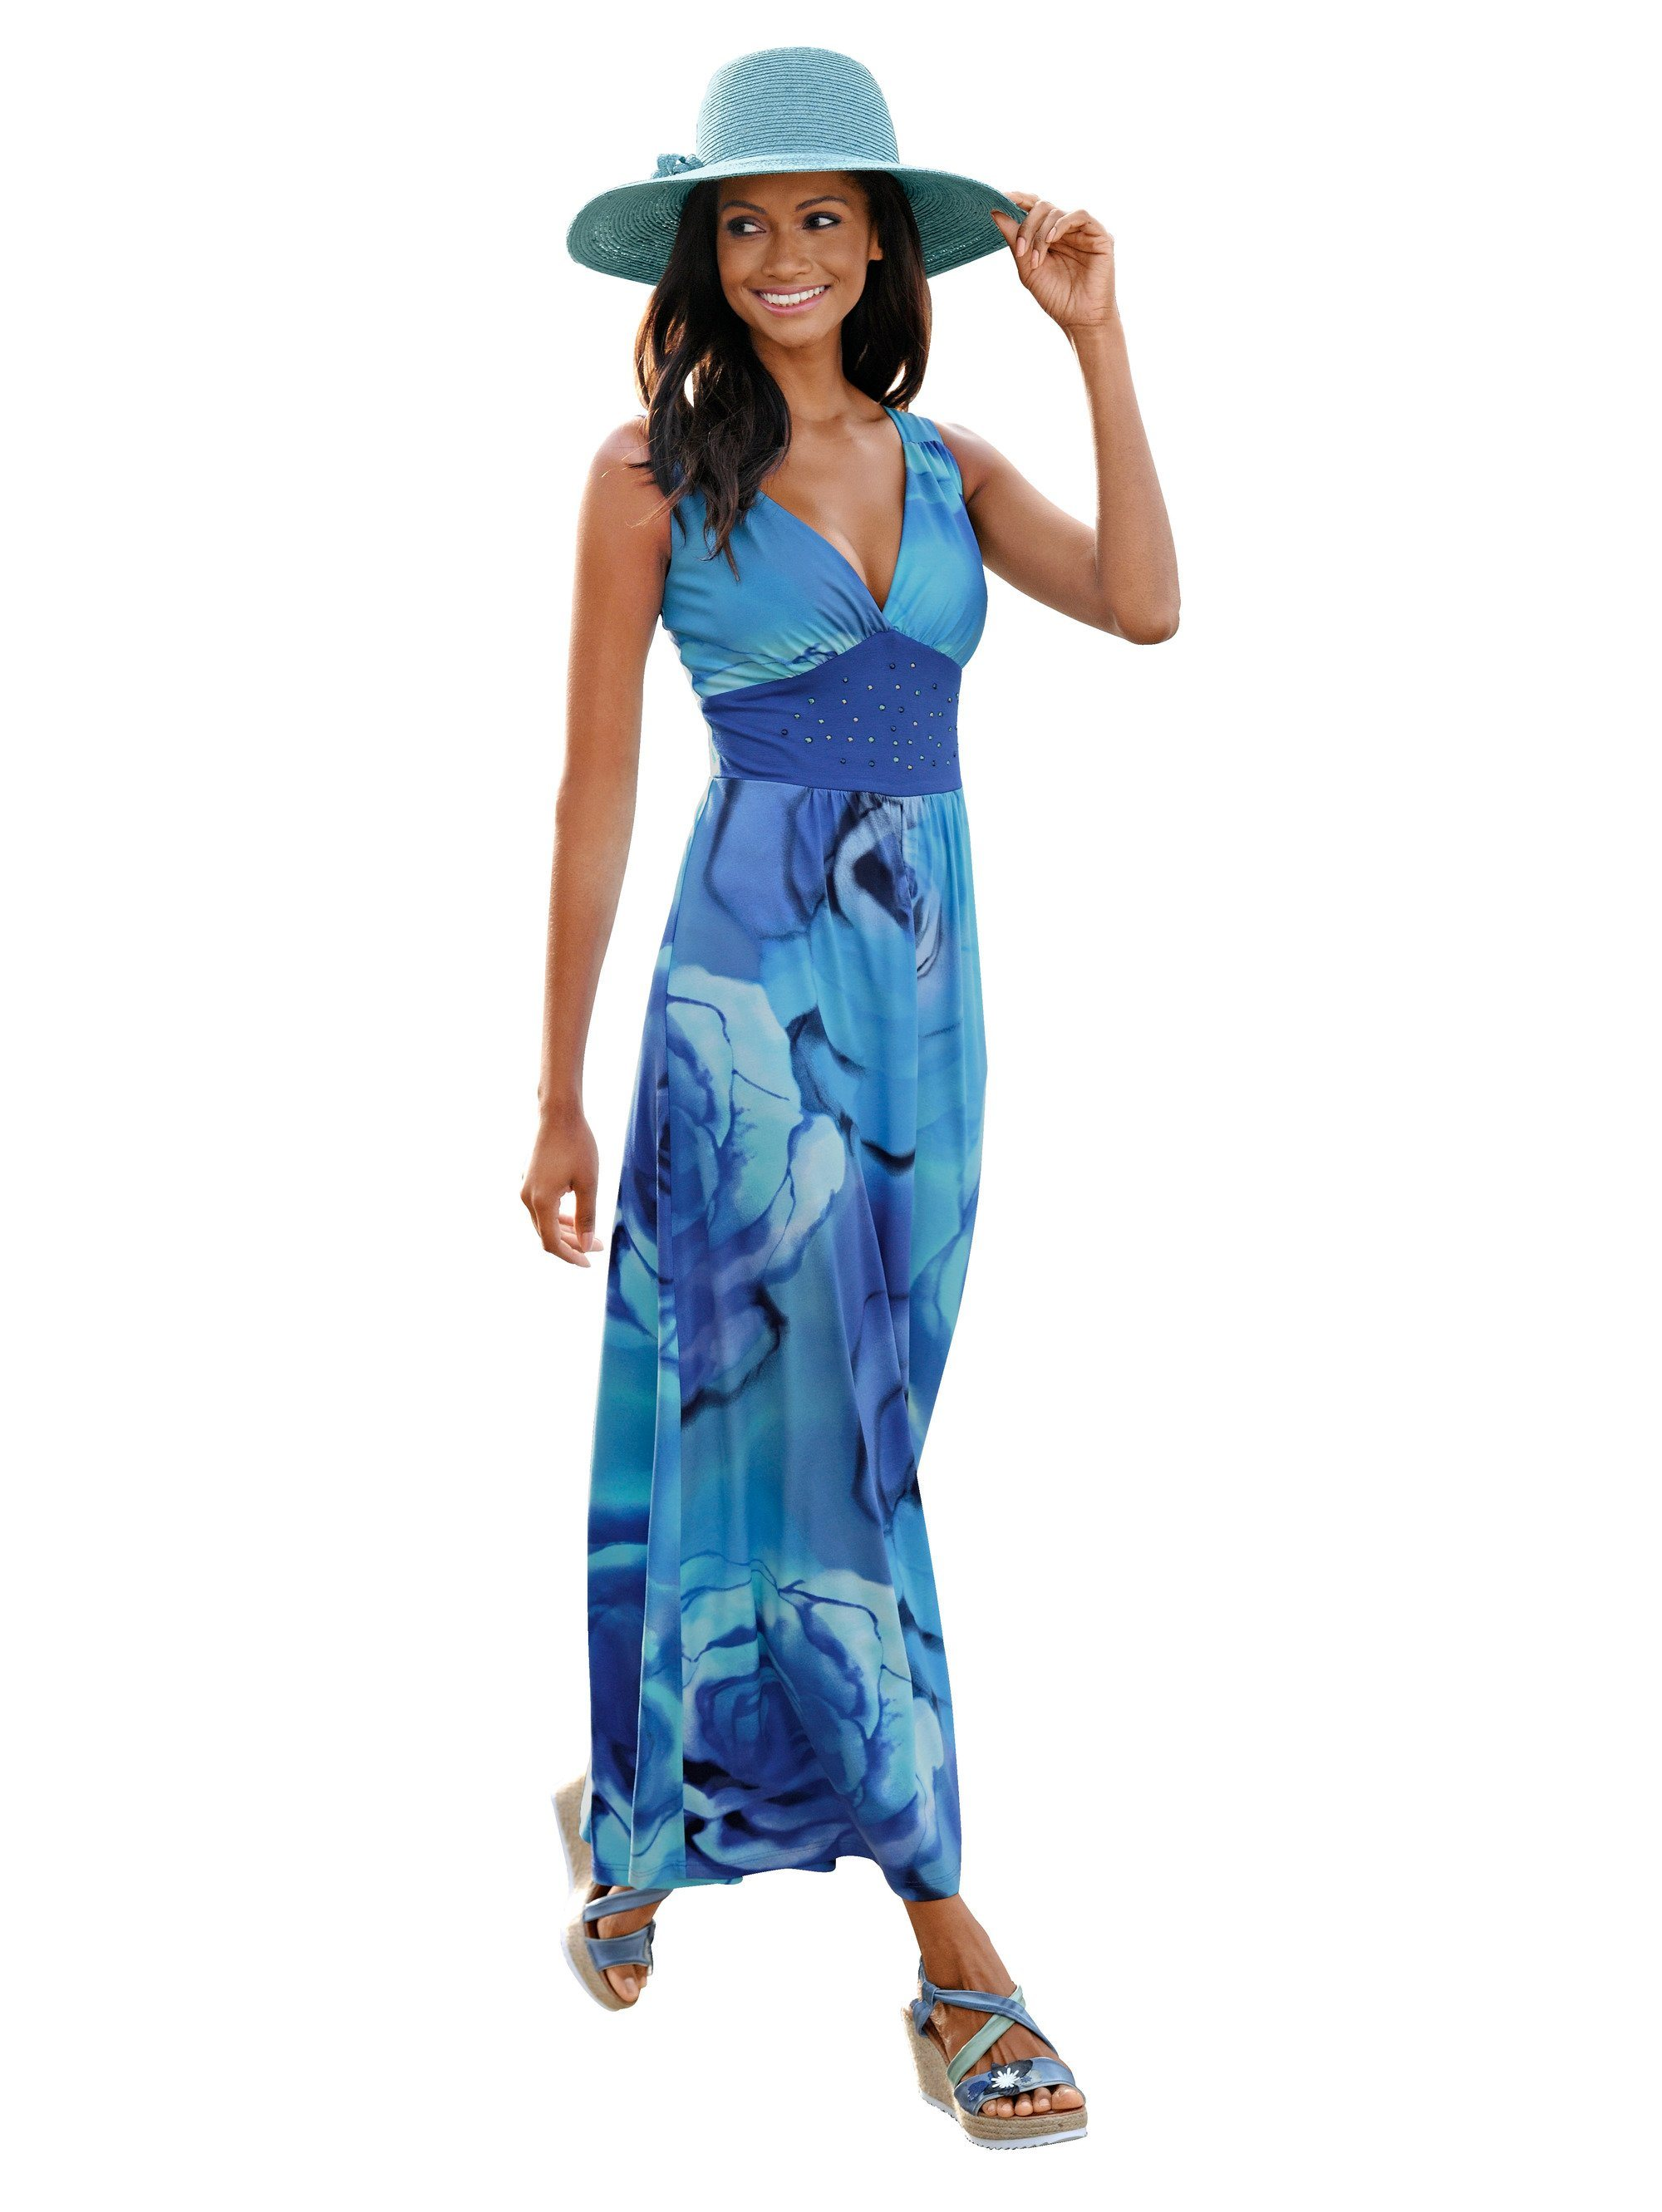 Damen Alba Moda Strandkleid mit großem Blumendruck blau | 04055715325500